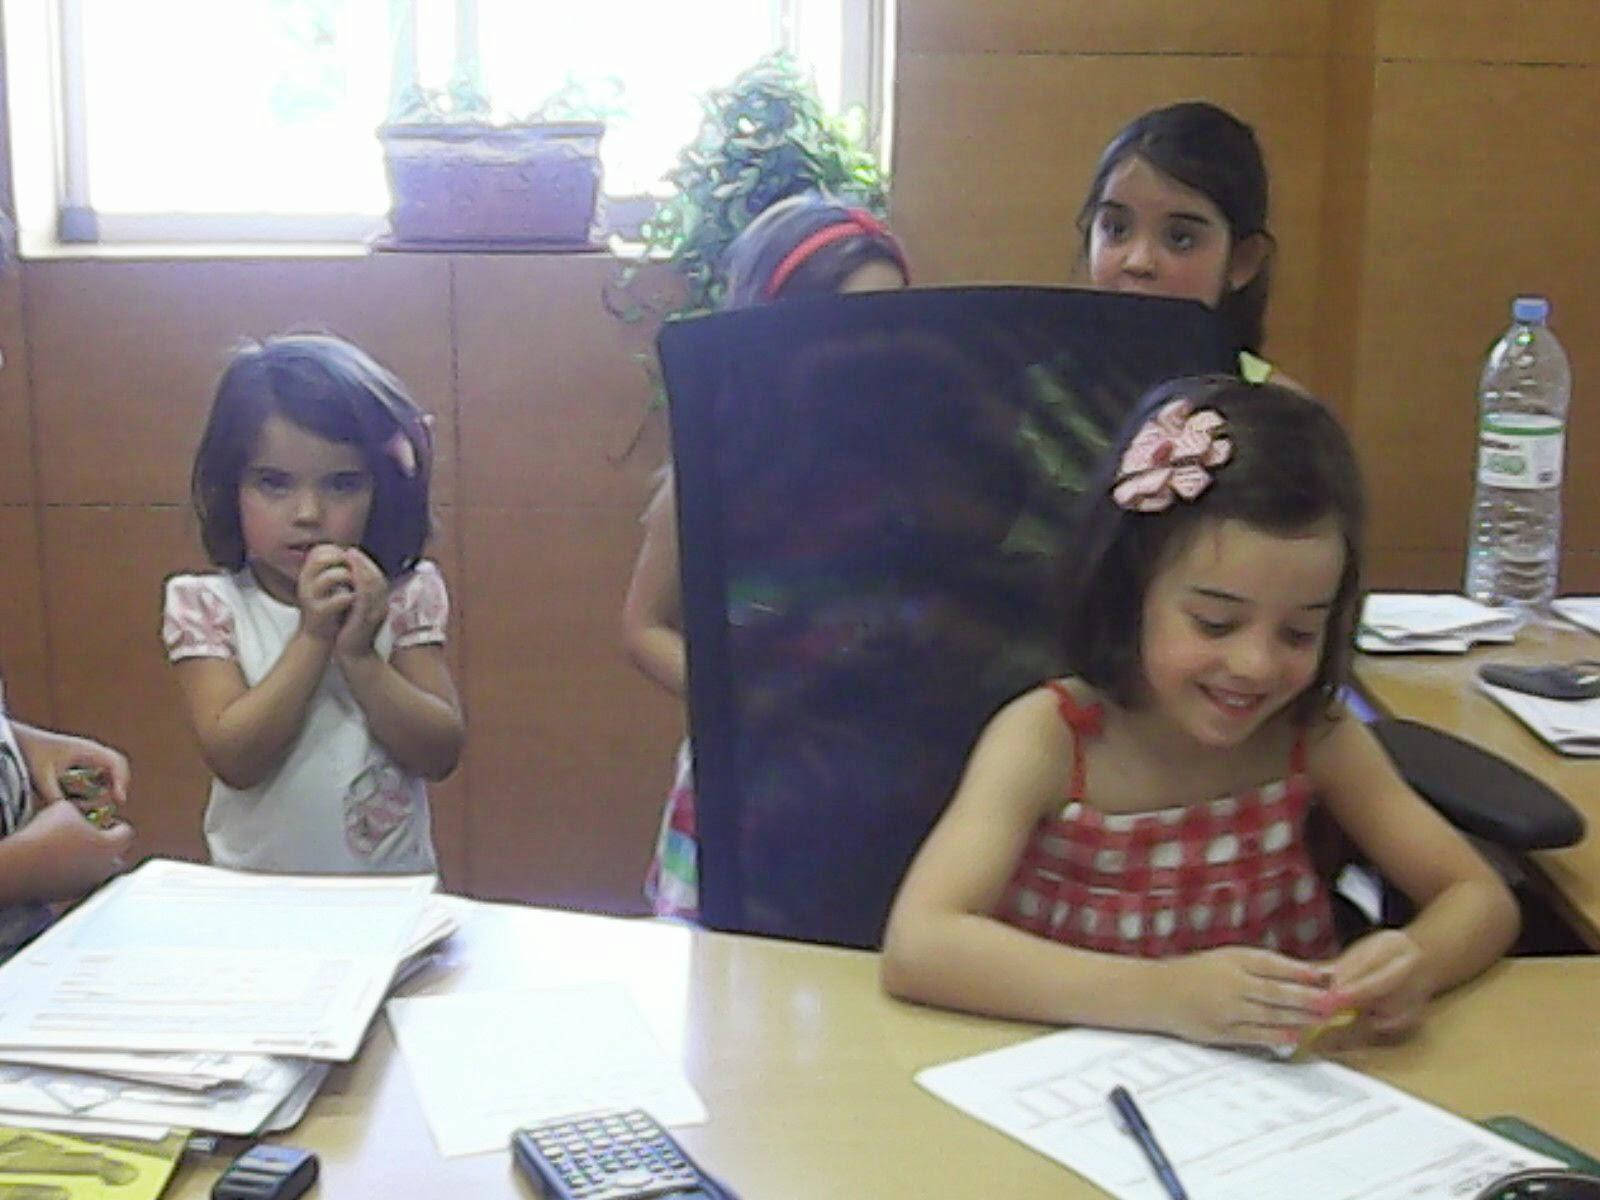 Escuela de verano montefr o 2014 visita caja rural de granada for Caja rural granada oficinas